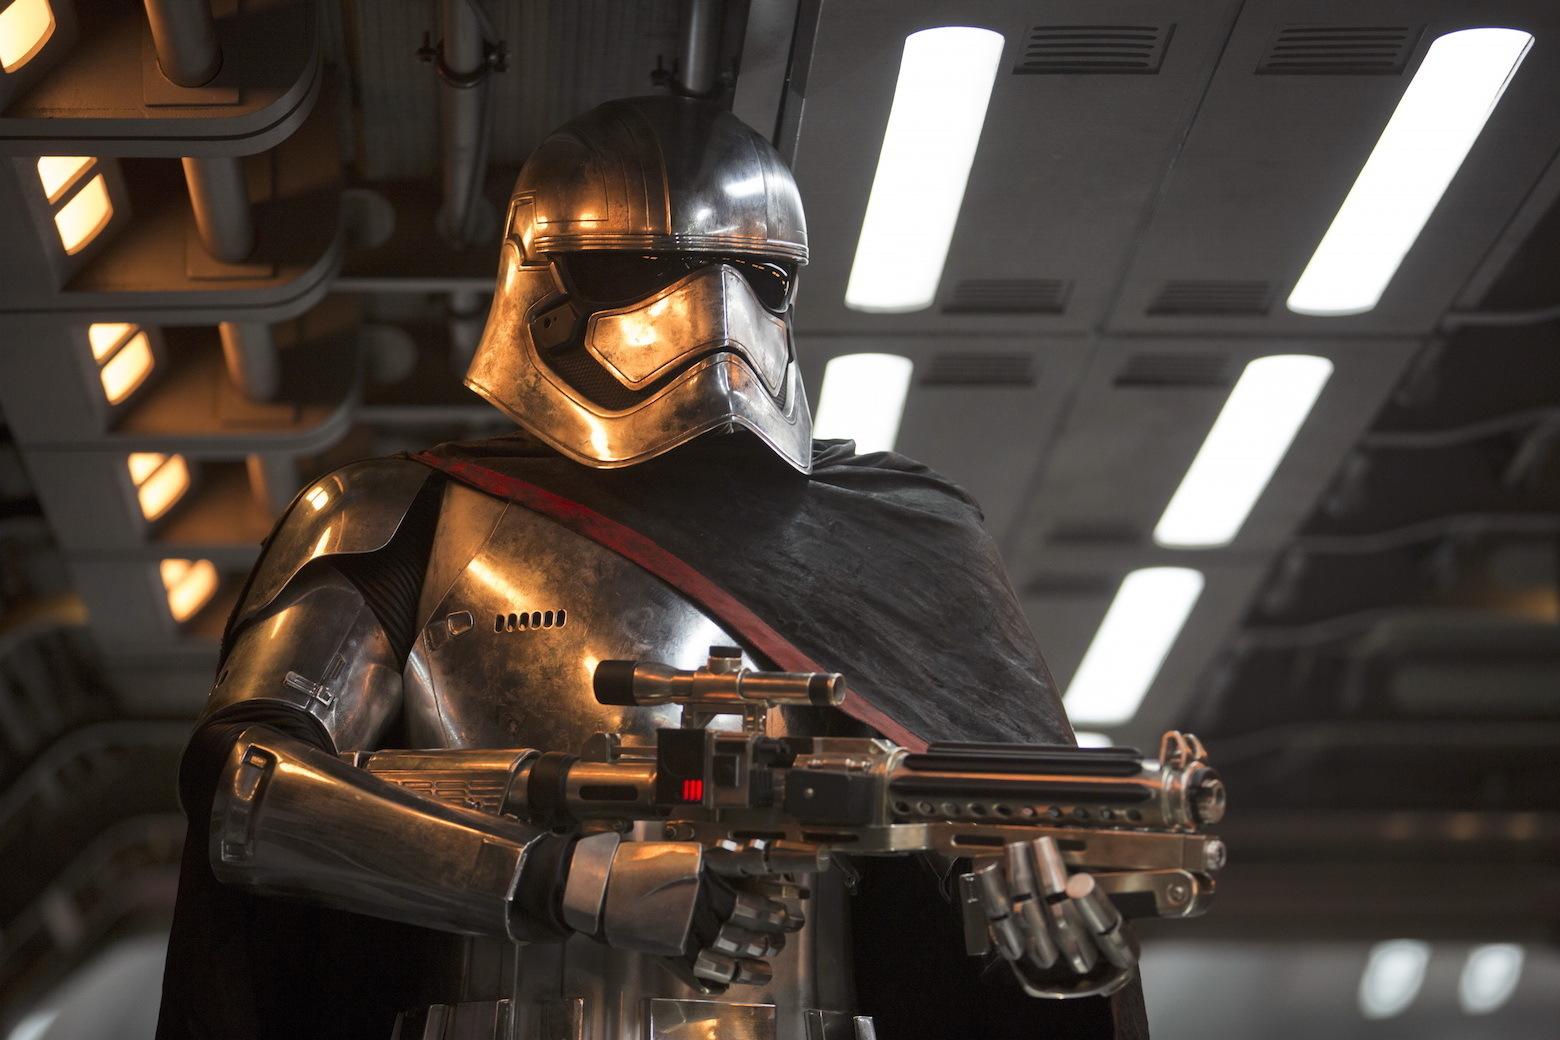 Juguetes de Star Wars en ToysRus